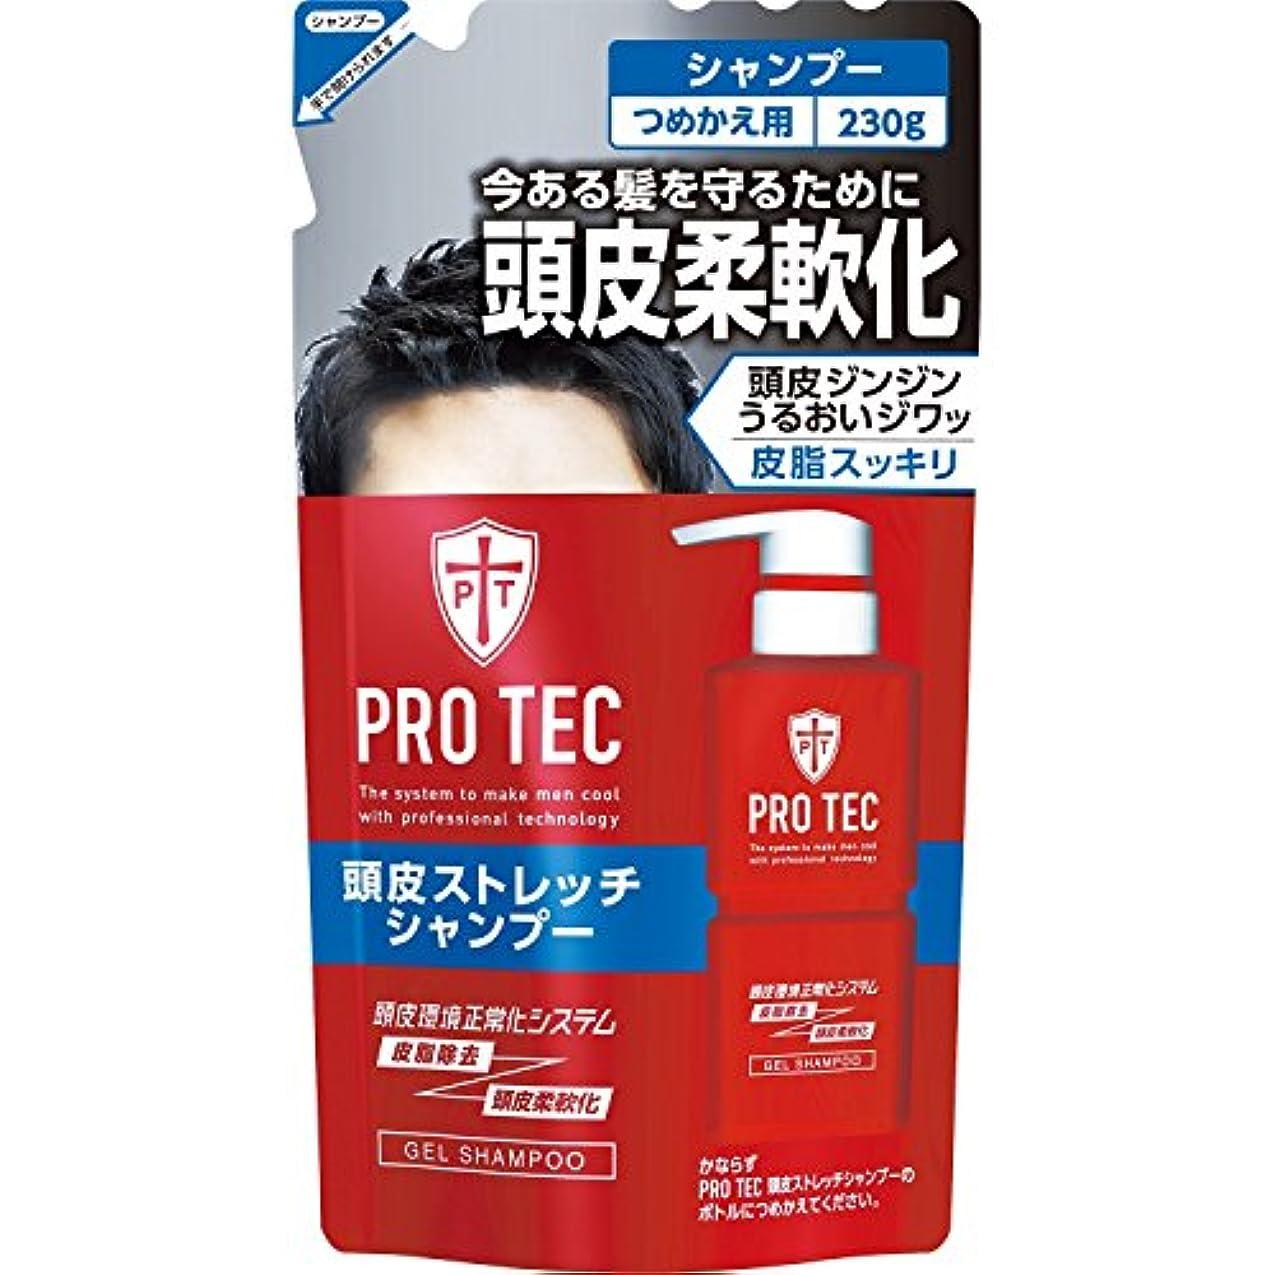 発表するあらゆる種類の緩めるPRO TEC(プロテク) 頭皮ストレッチ シャンプー 詰め替え 230g(医薬部外品)